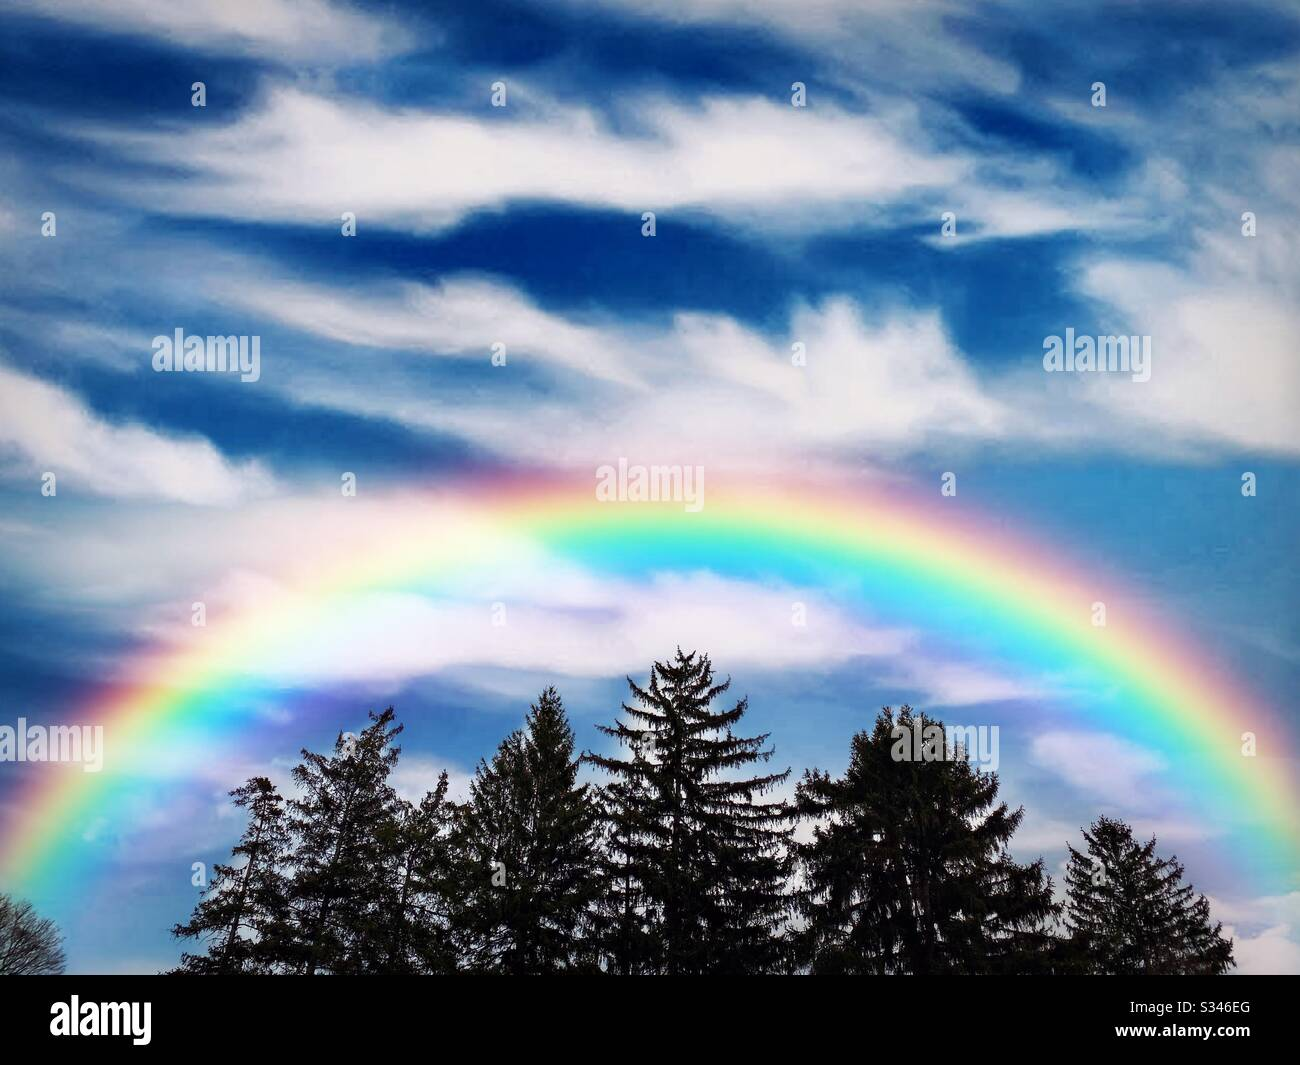 Rainbow au-dessus des feuilles persistantes dans un ciel bleu de nuages wispy blancs Banque D'Images